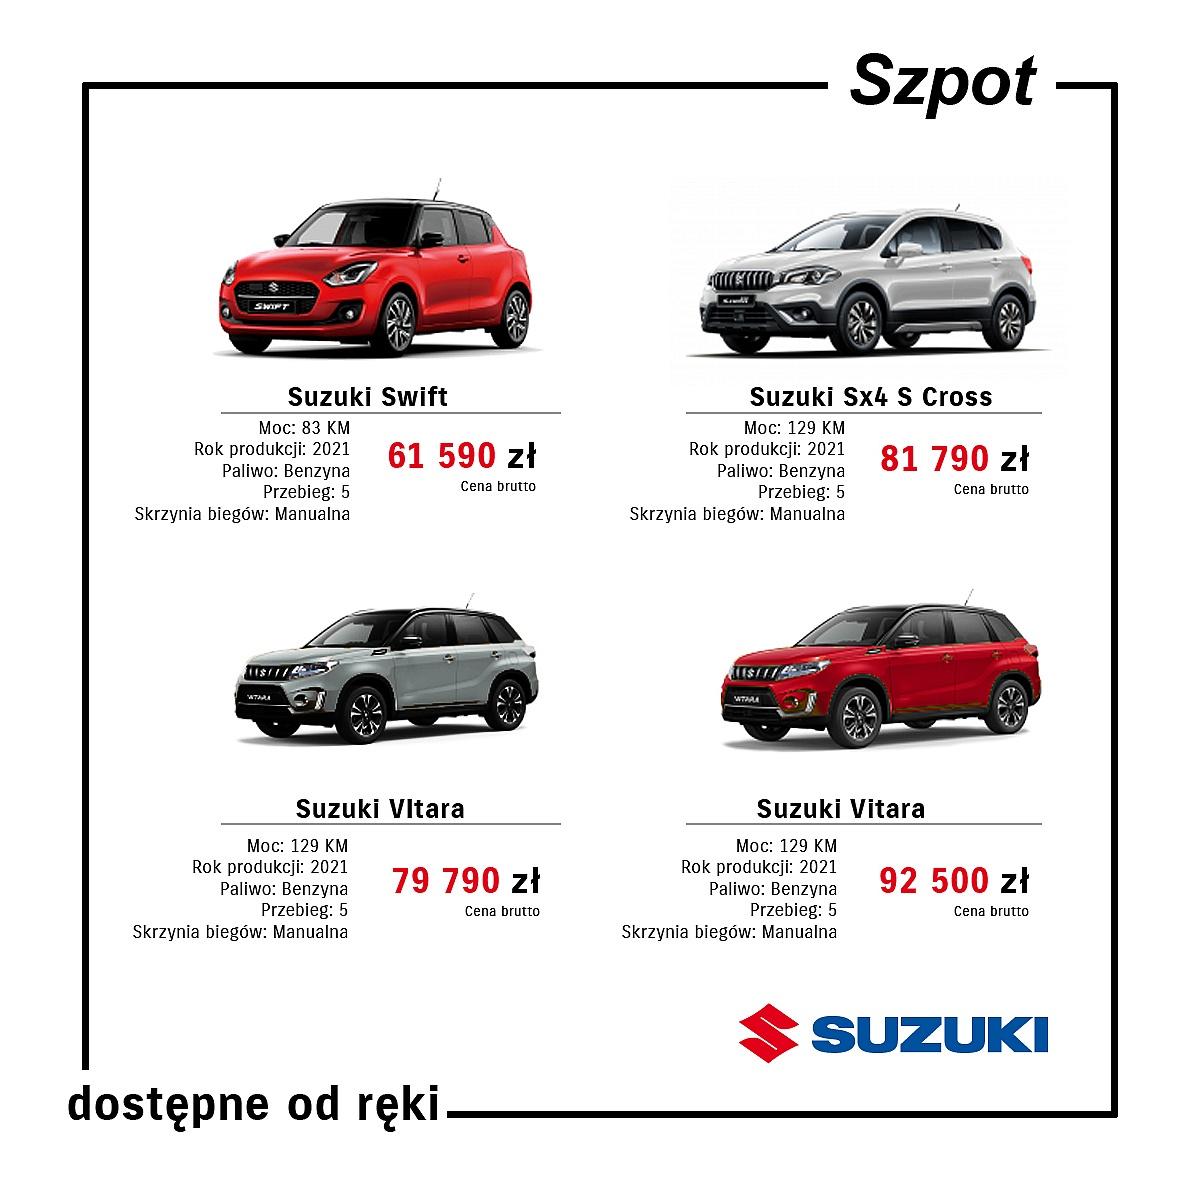 Samochody dostępne od ręki w Suzuki Szpot!